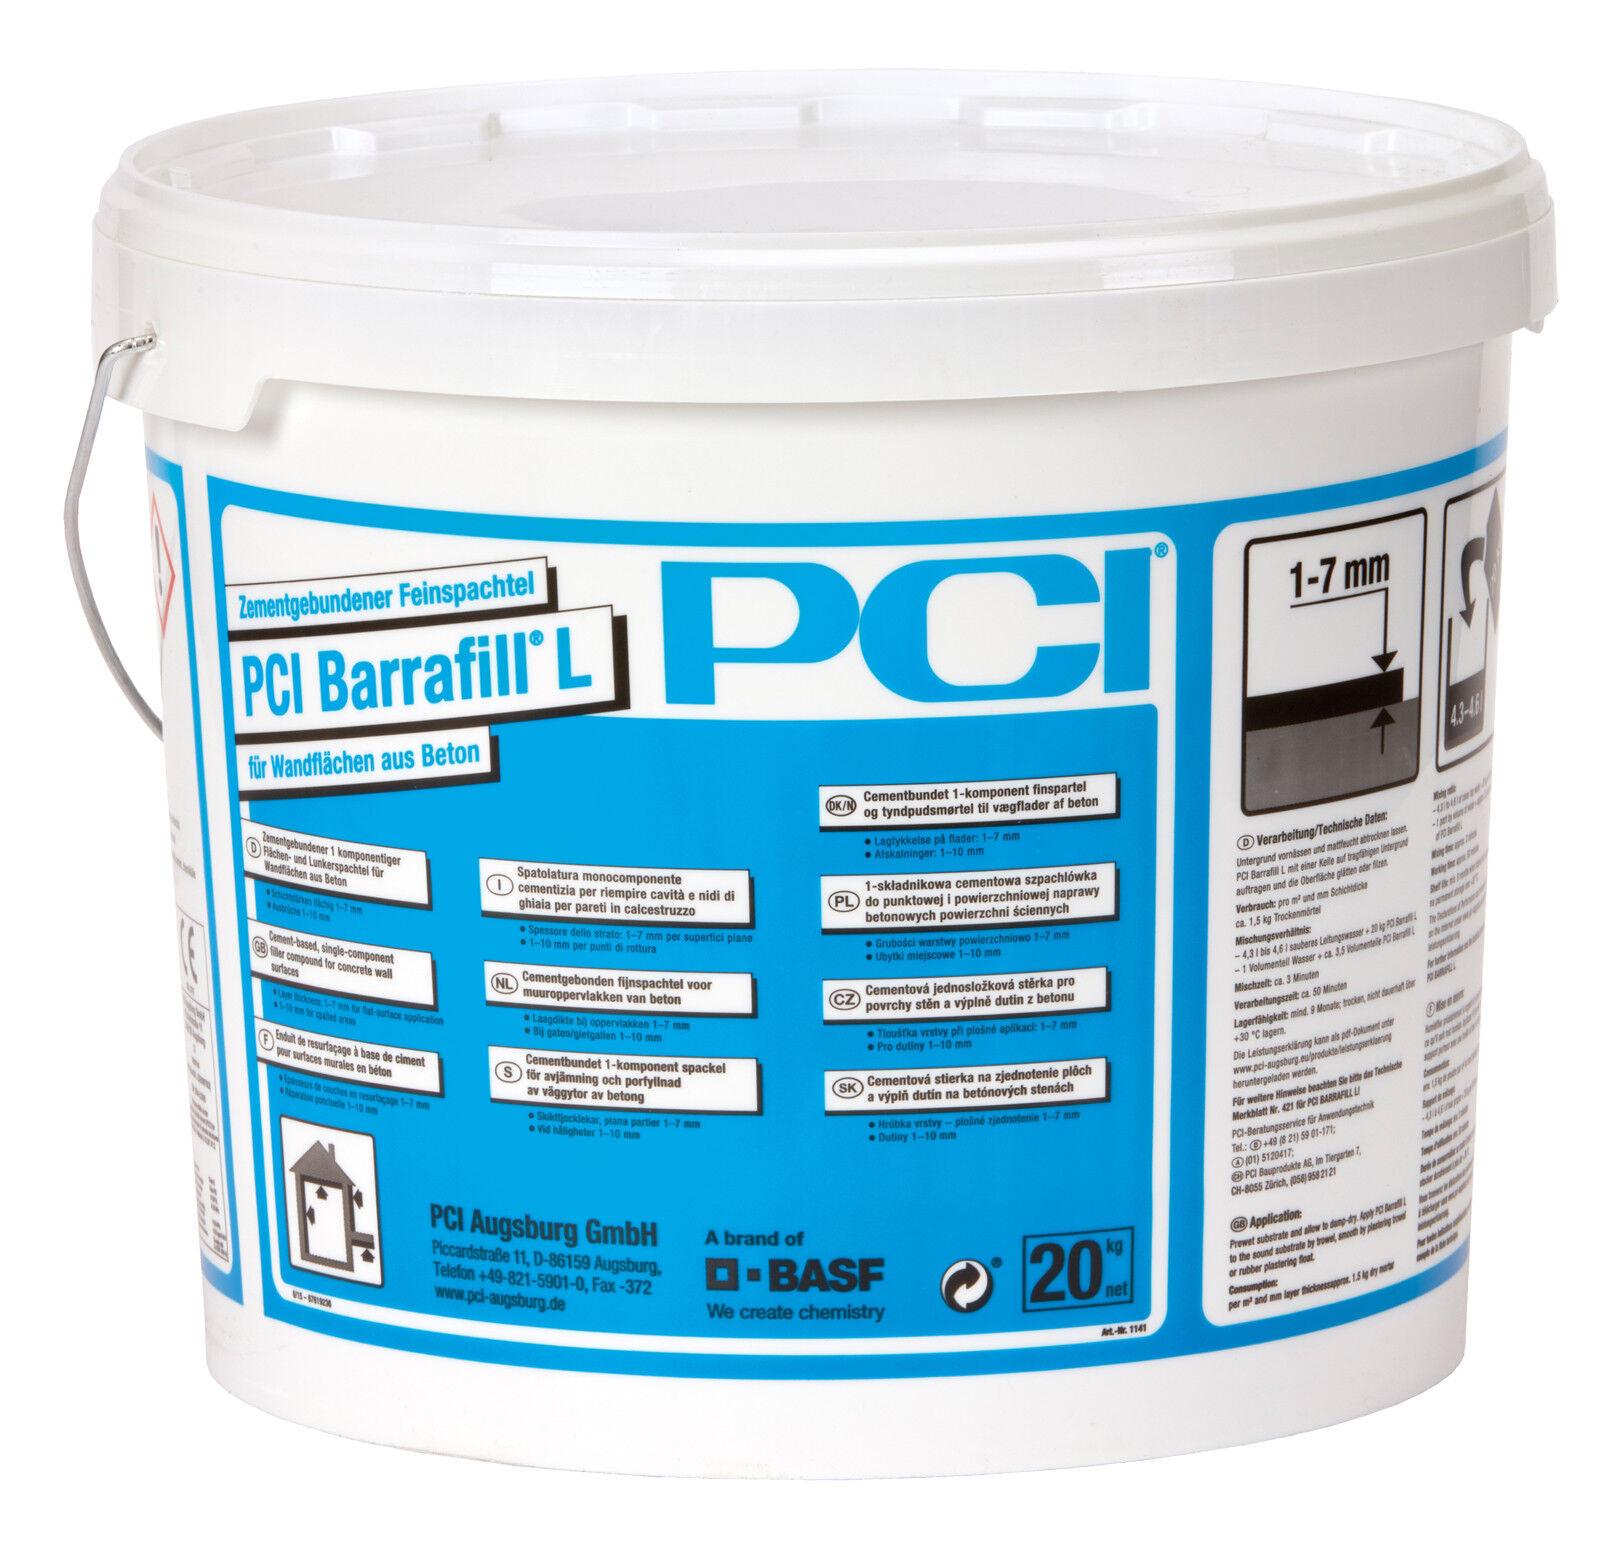 PCI Barrafill L 20 kg Hellgrau Feinspachtel Betonspachtel Beton-Kosmetik